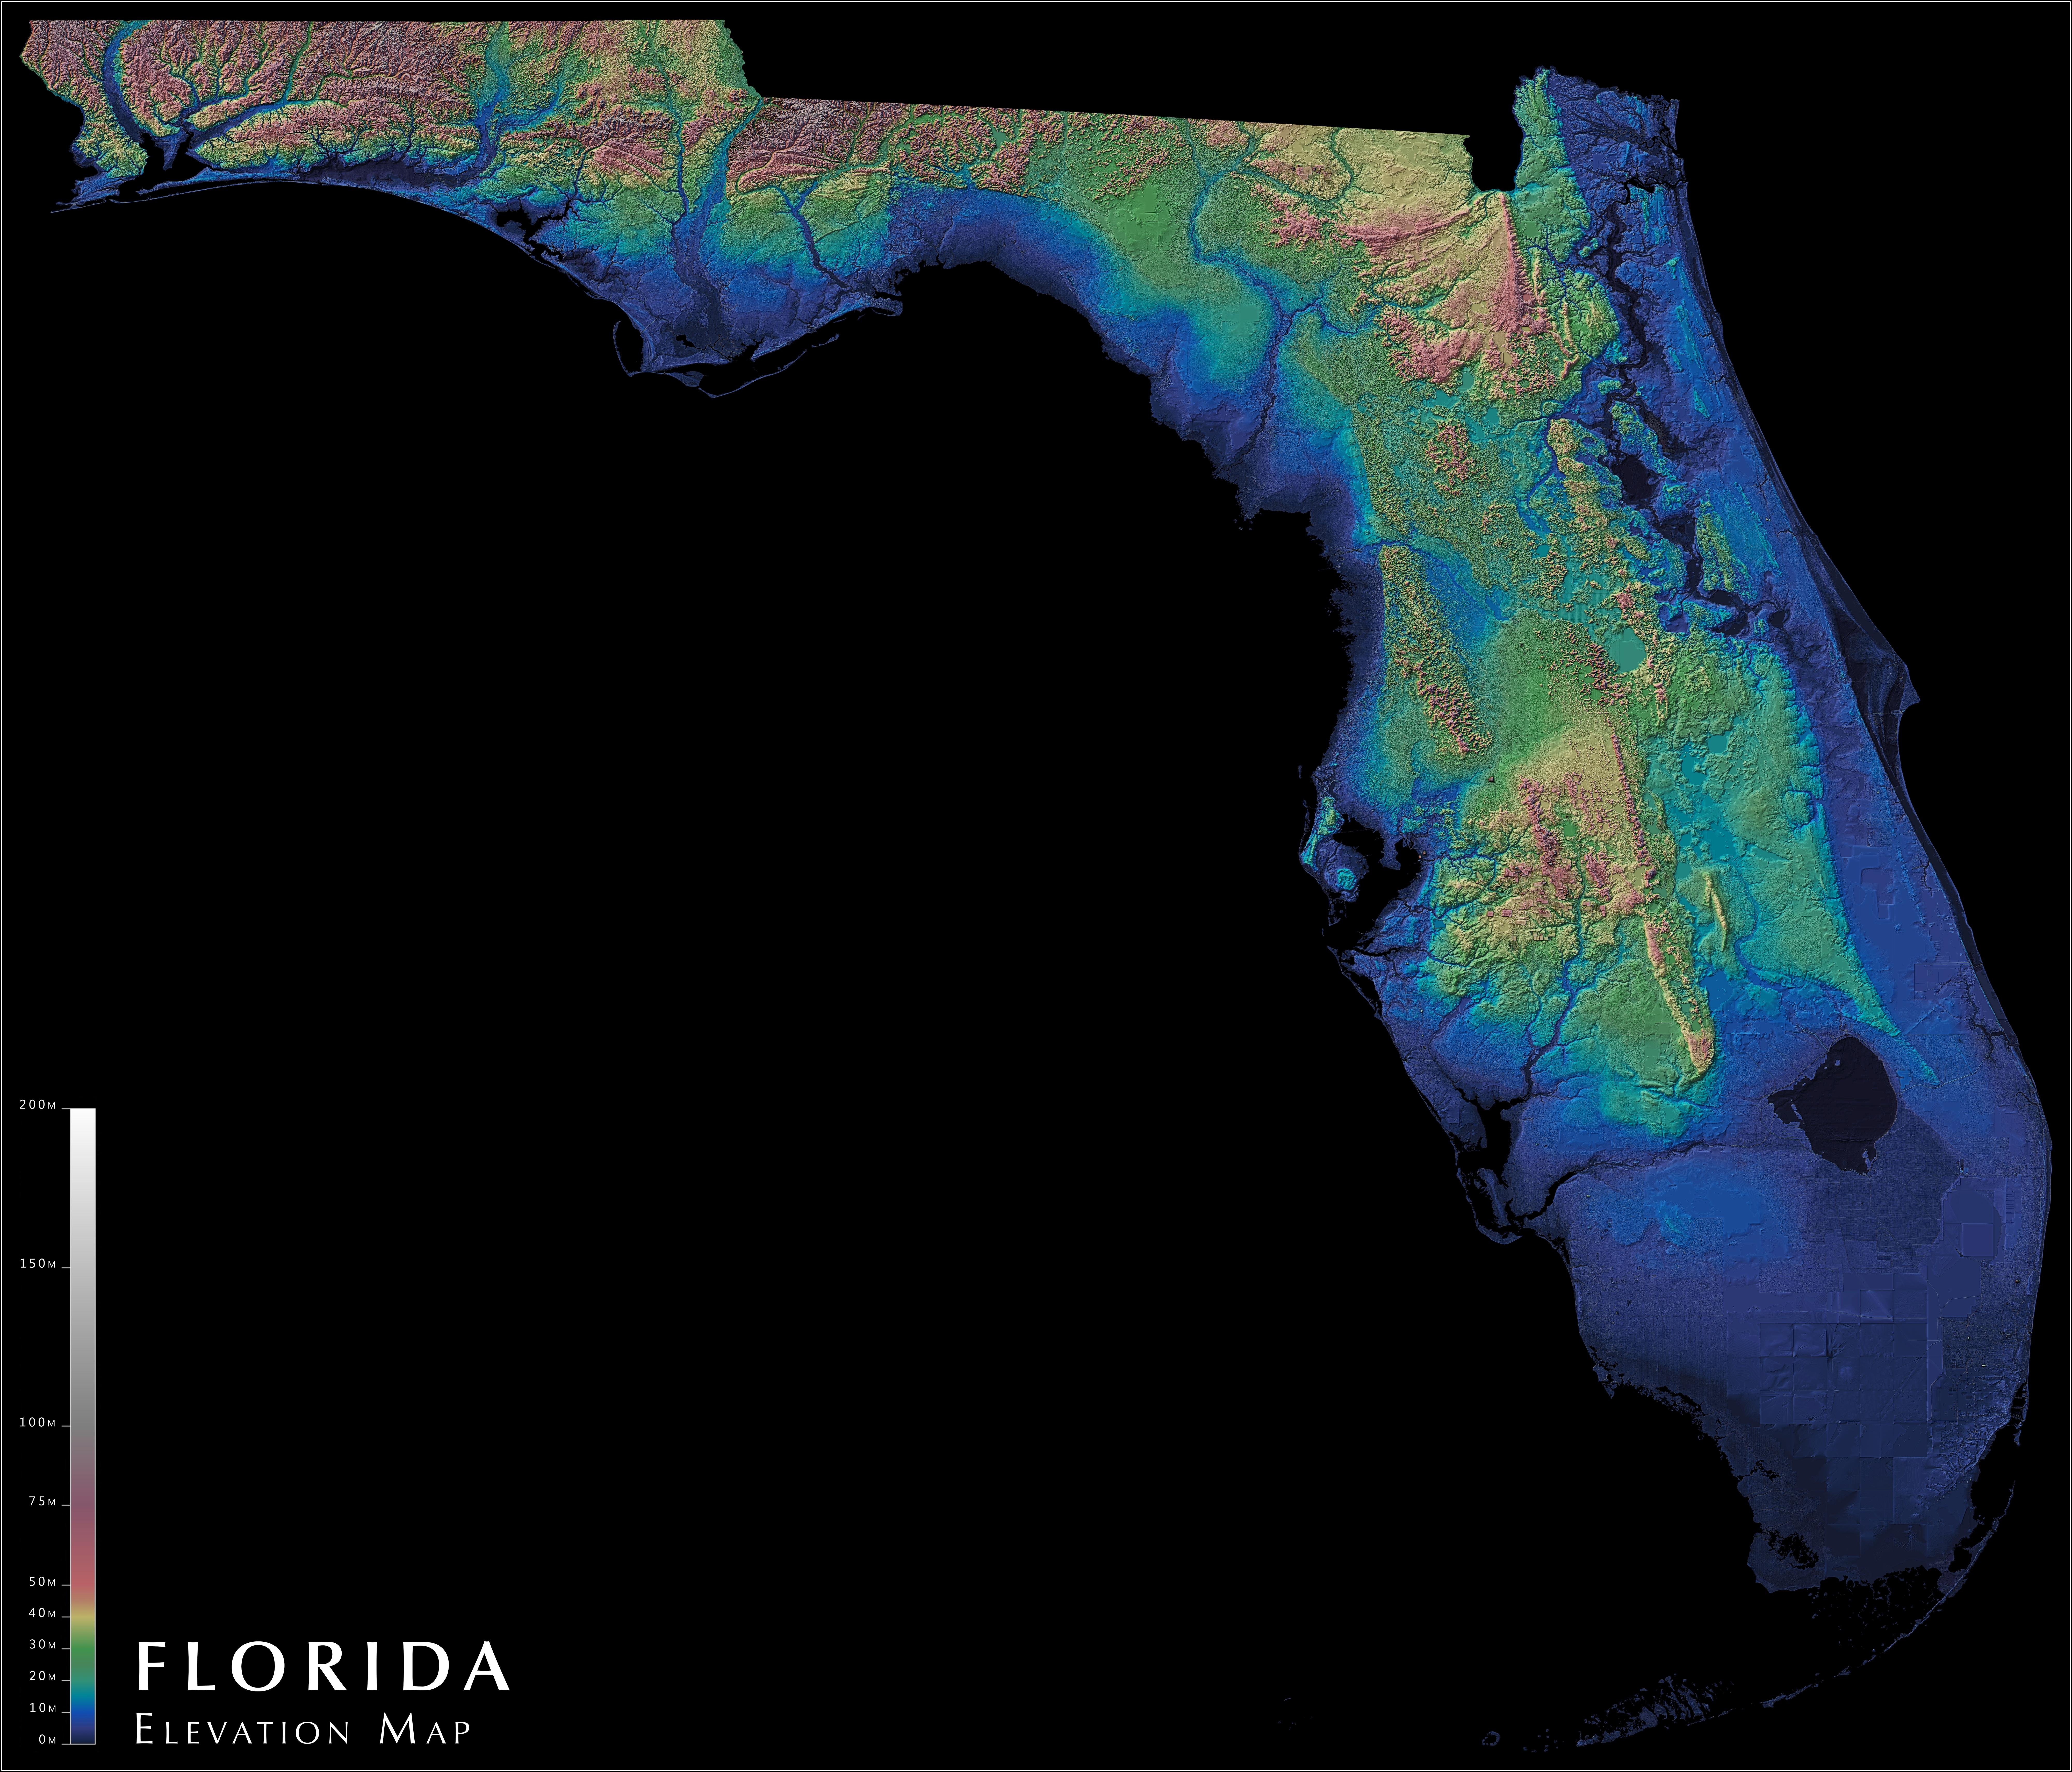 Florida Elevation Map : Florida - Florida Elevation Map